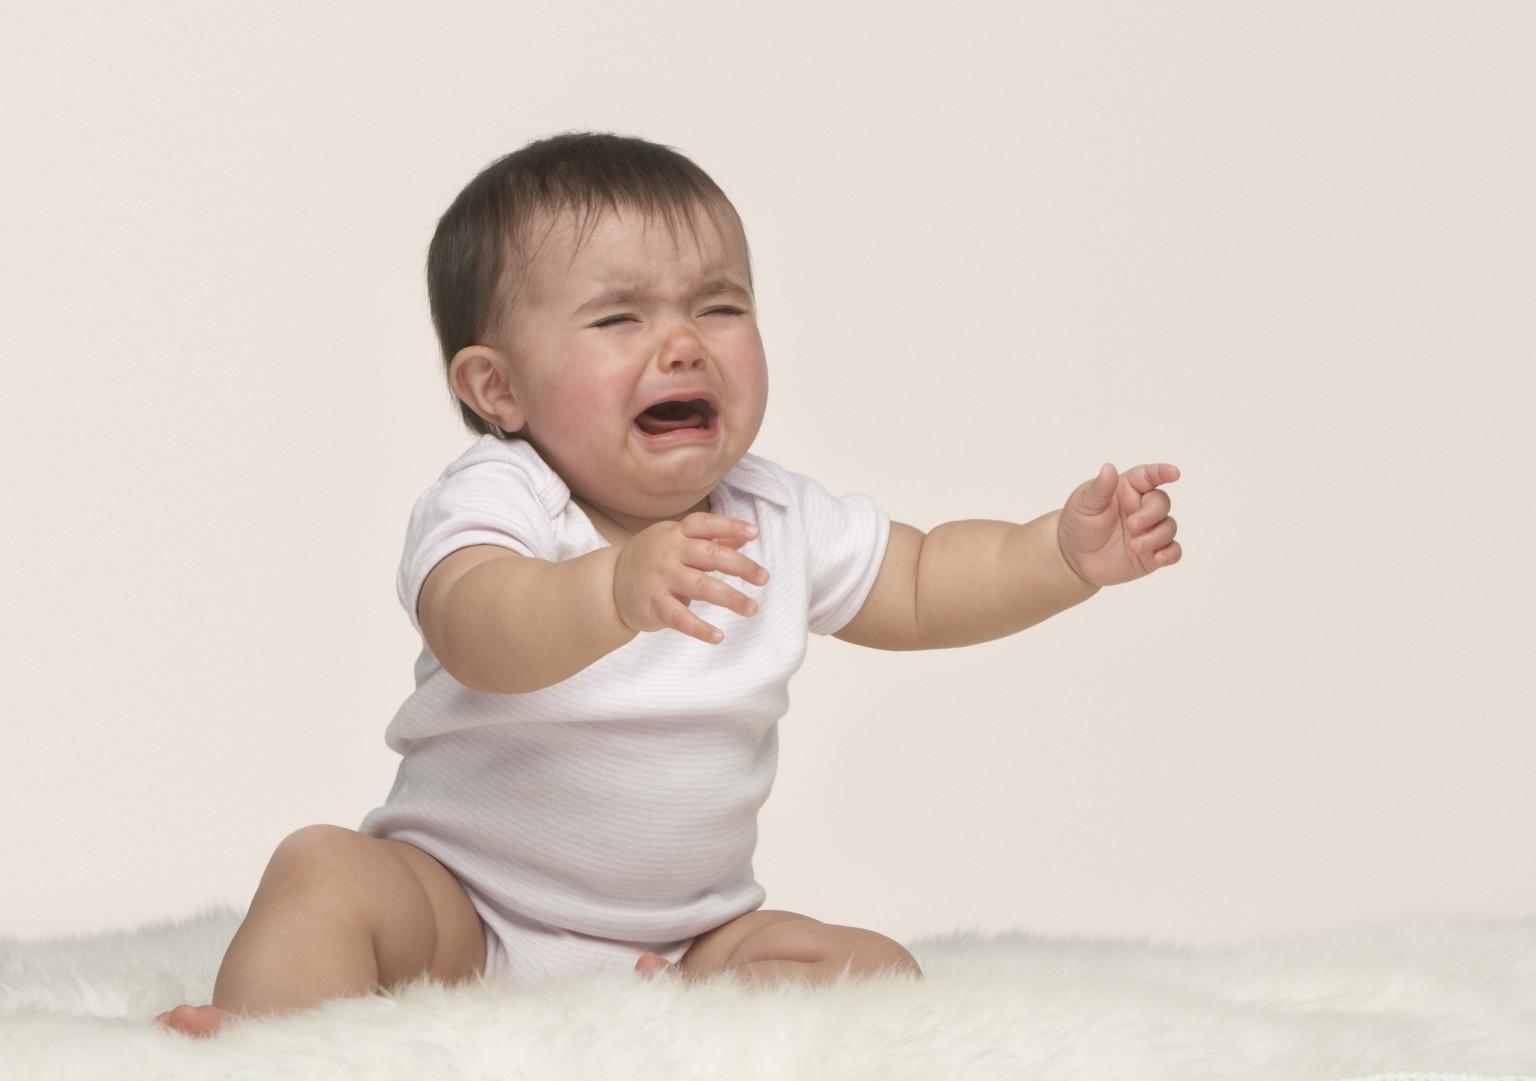 Bebek beslenme sırasında neden ağlar Nedenleri, önleme, öneriler